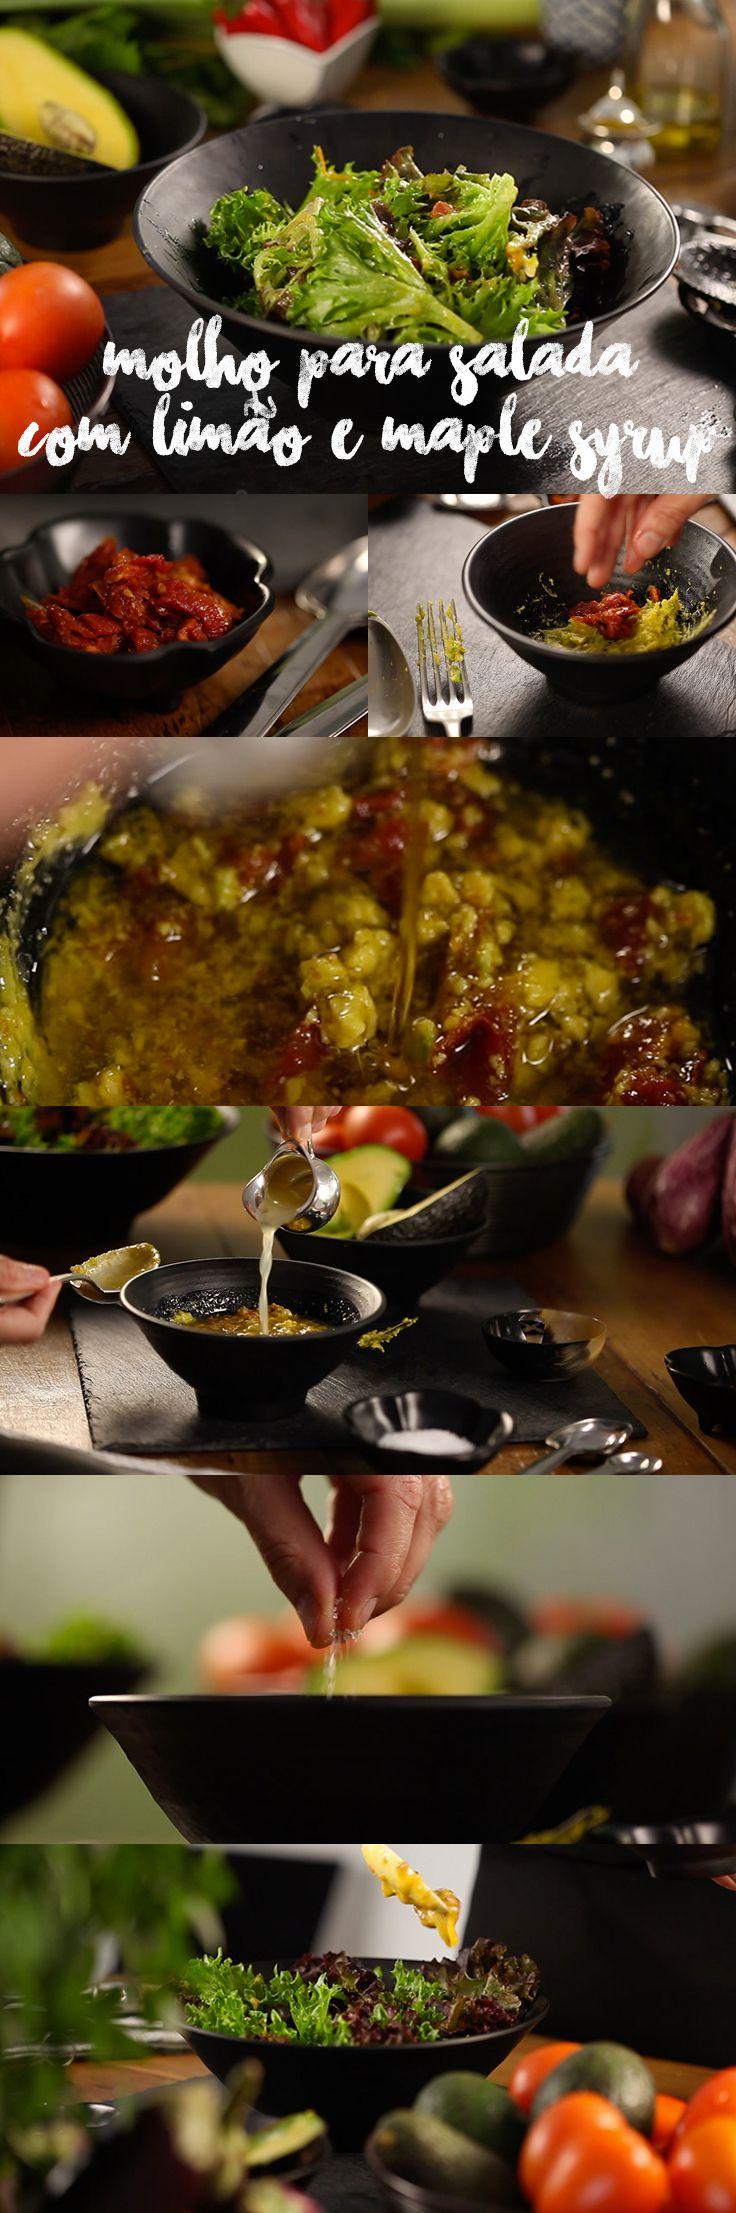 """Combinações """"sweet and sour"""". Afinal, salada sem um bom tempero não dá, não é mesmo? Veja mais receitas em www.myyellowpages.com.br"""